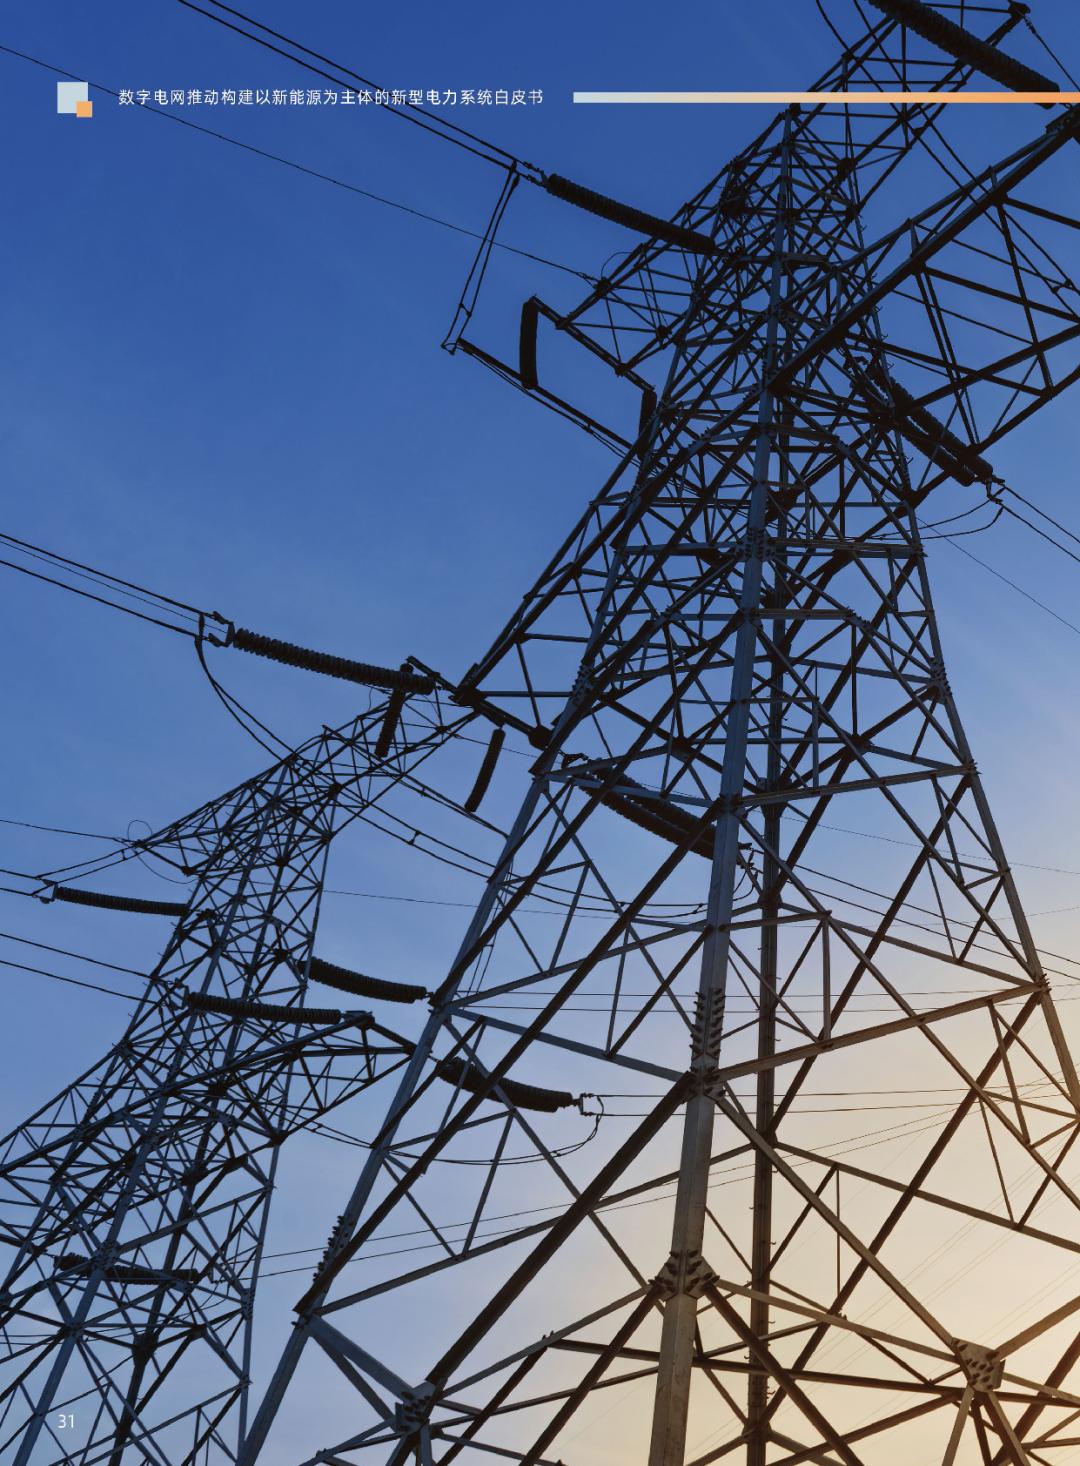 南方五省分别新增风光装机1亿千瓦!南网发布重磅白皮书!